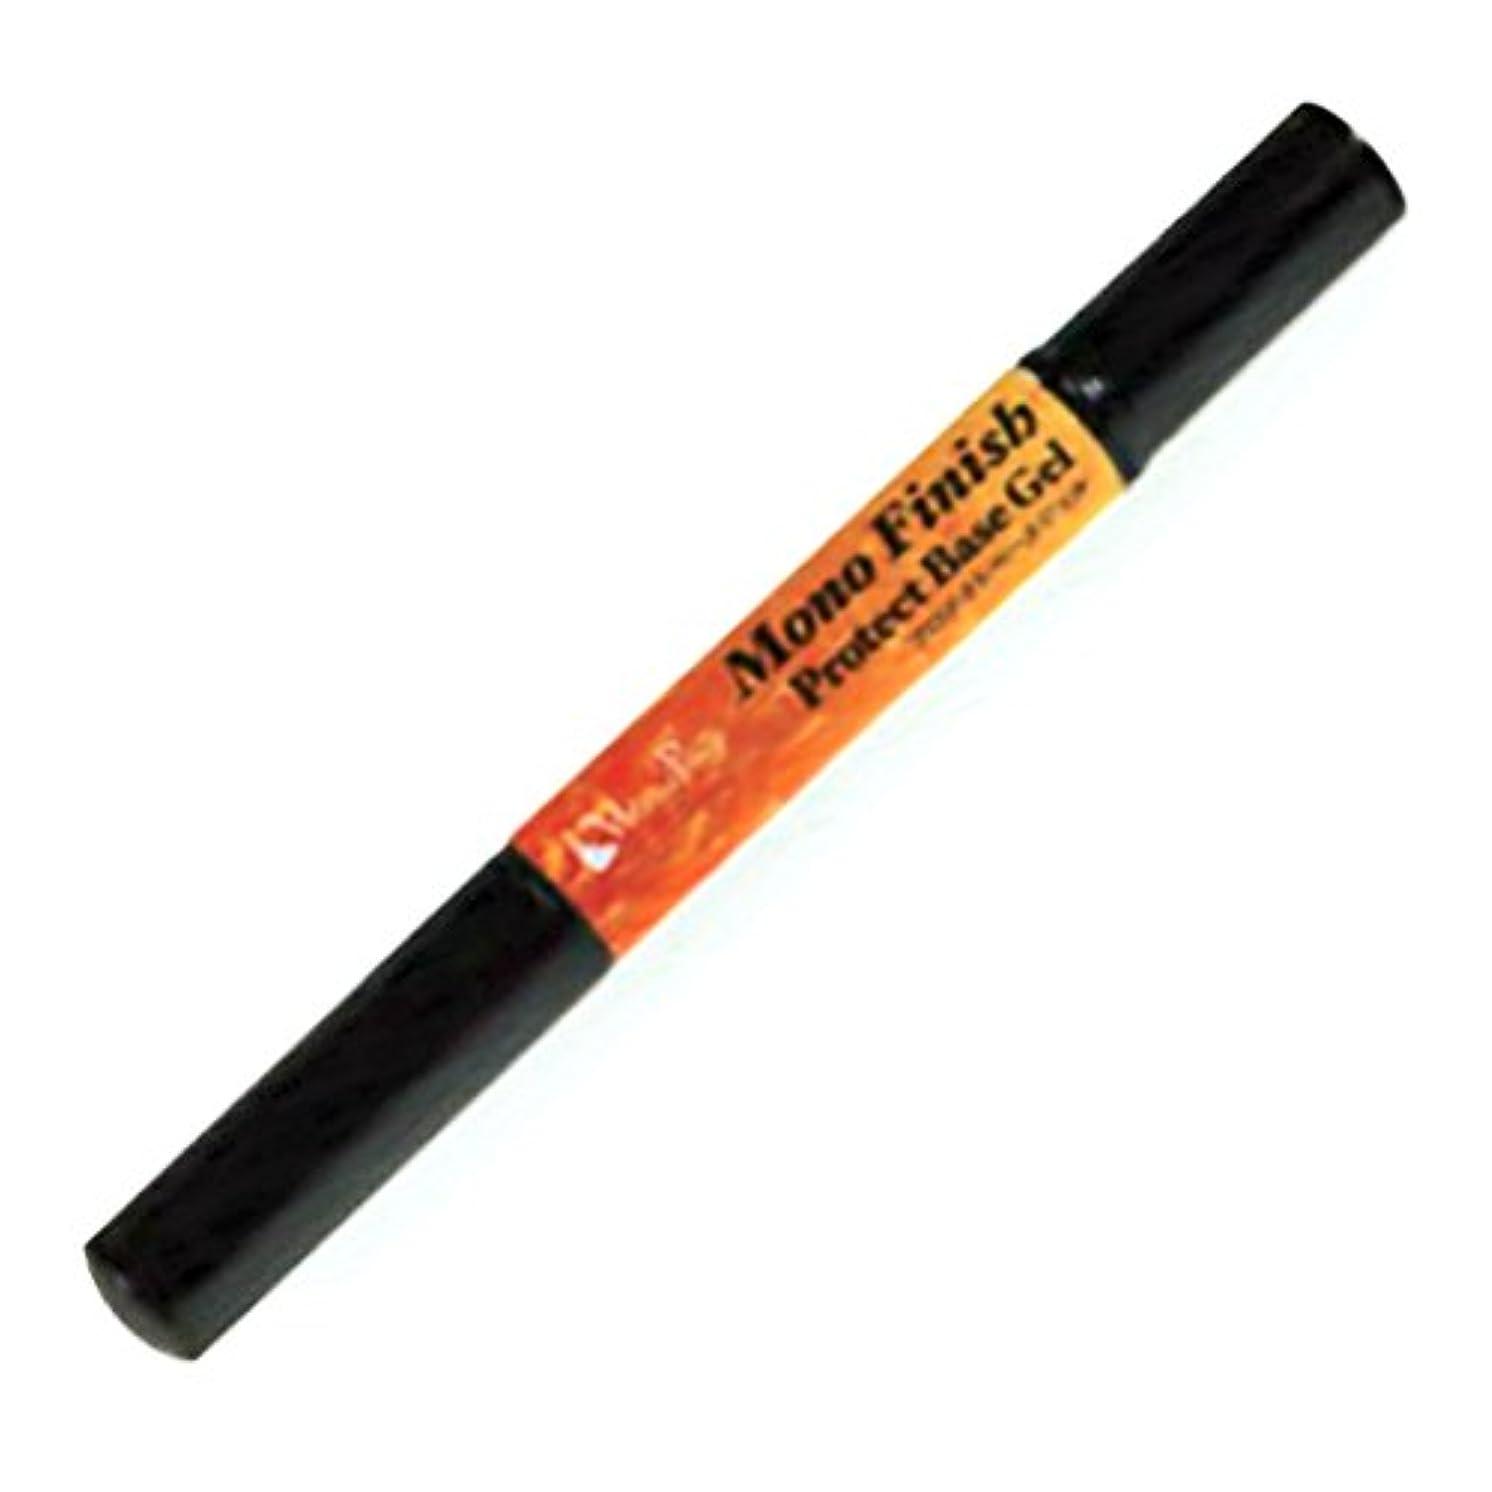 普及スクラブブリーフケースNatural Field ペンタイププロテクトベースジェル 3605 2.4g UV/LED対応